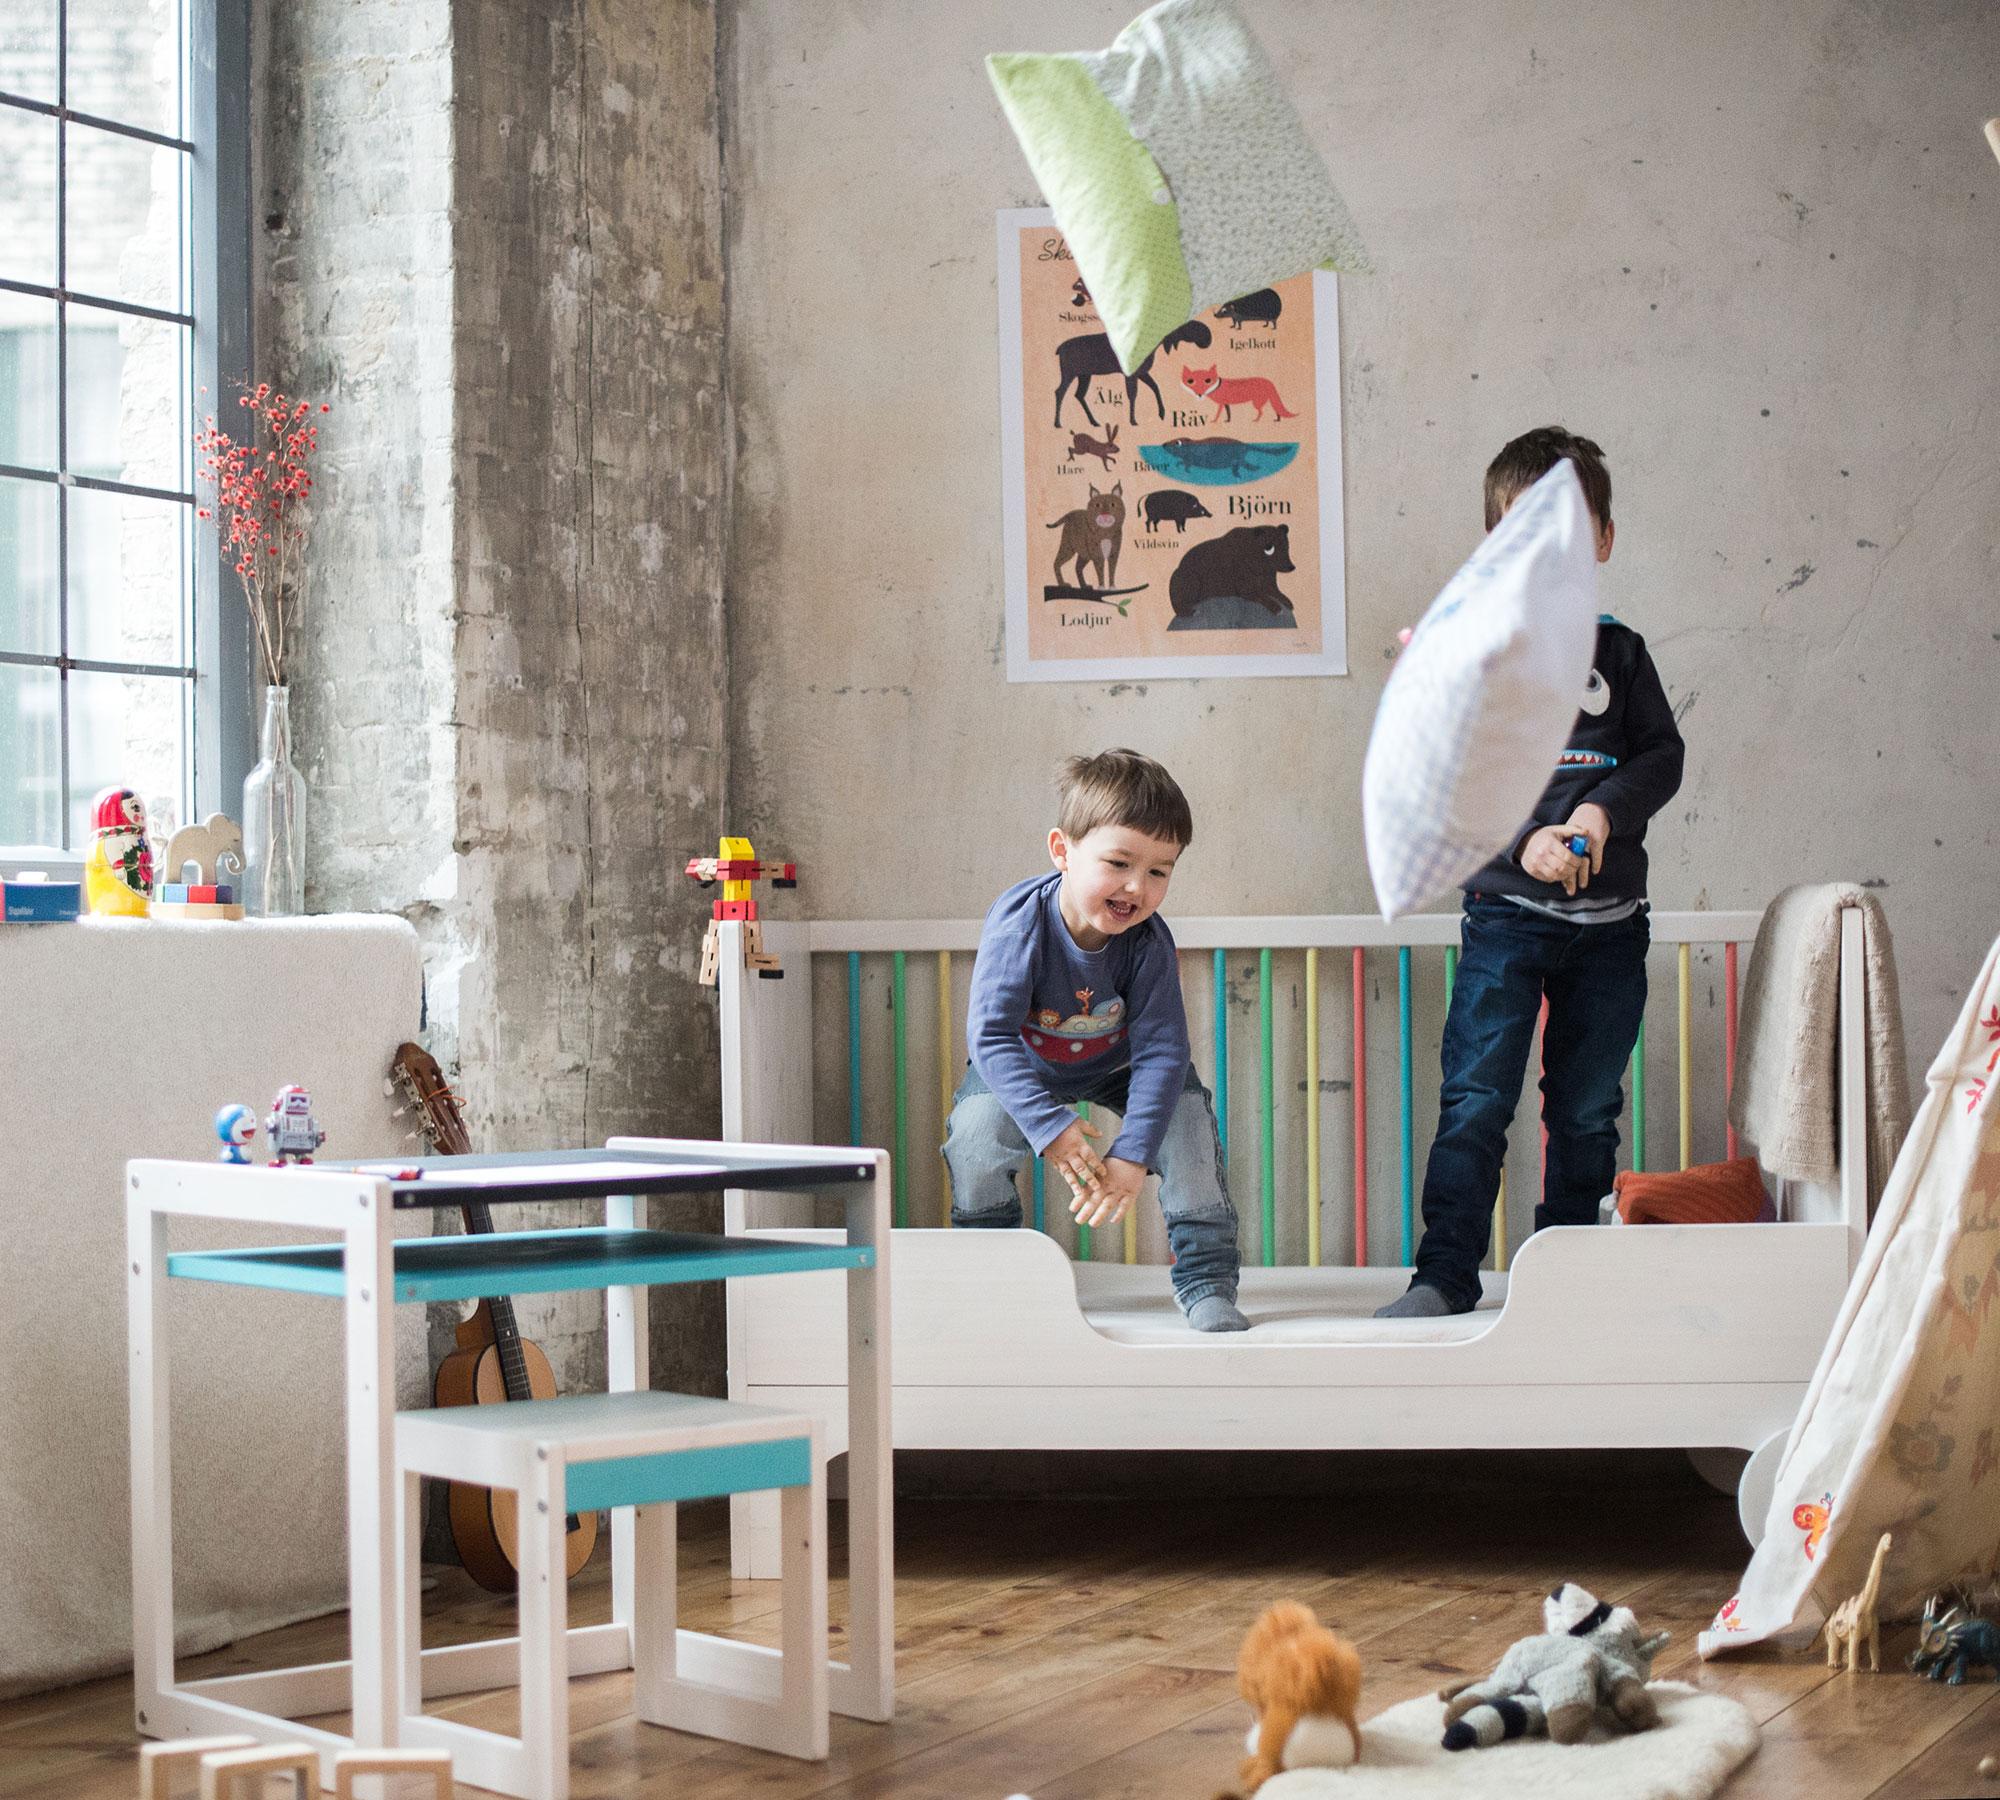 Kinderbett mitwachsend  Kindgerechtes Design – Kinderbetten für Kinder empfohlen von afilii